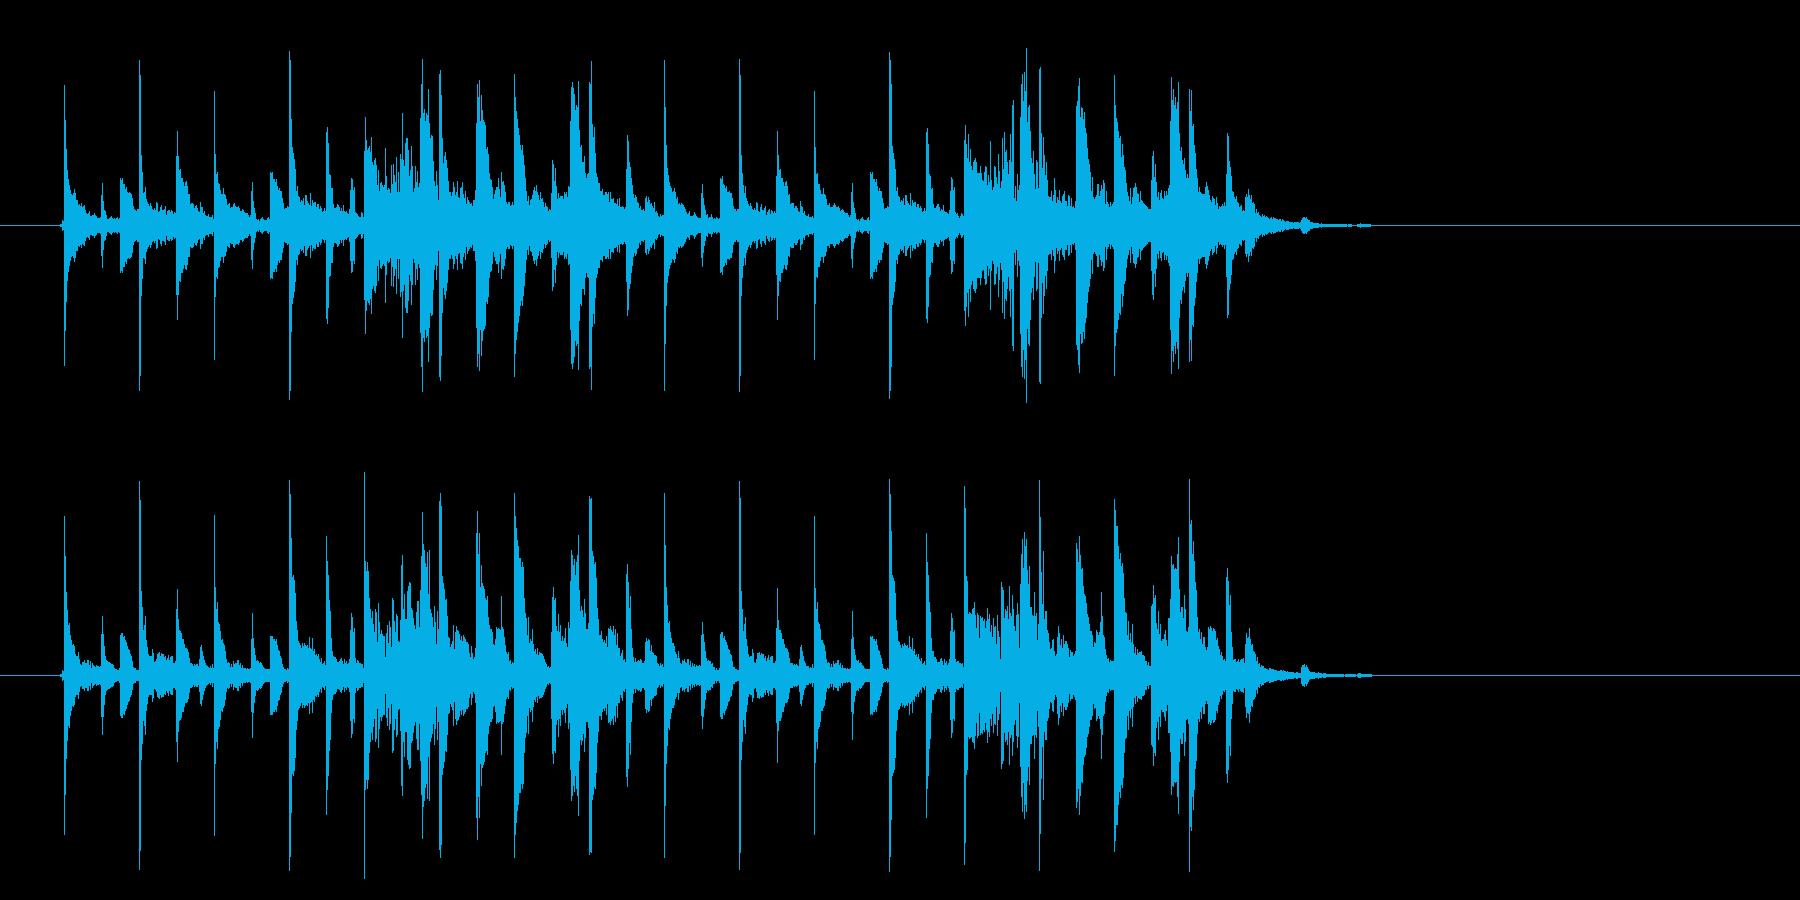 幻想的でテクノポップなミュージックの再生済みの波形